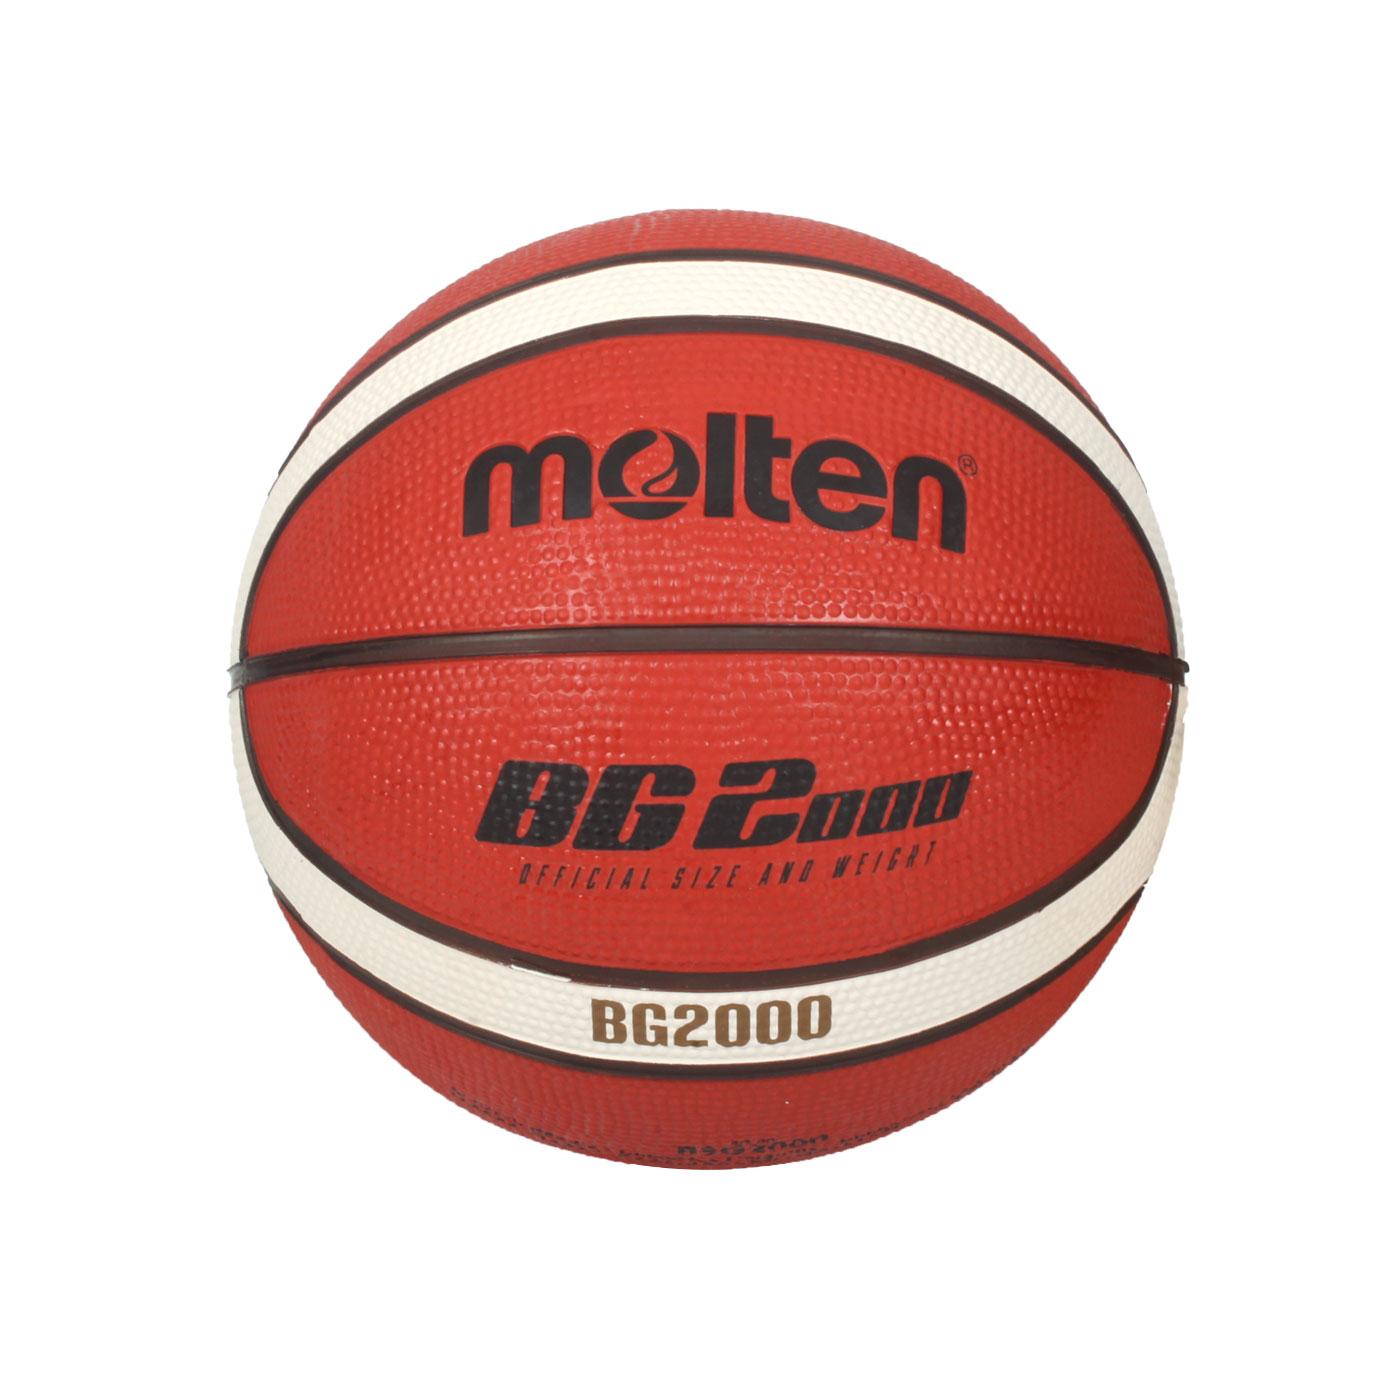 Molten 12片橡膠平溝籃球 B3G2000 - 橘米白